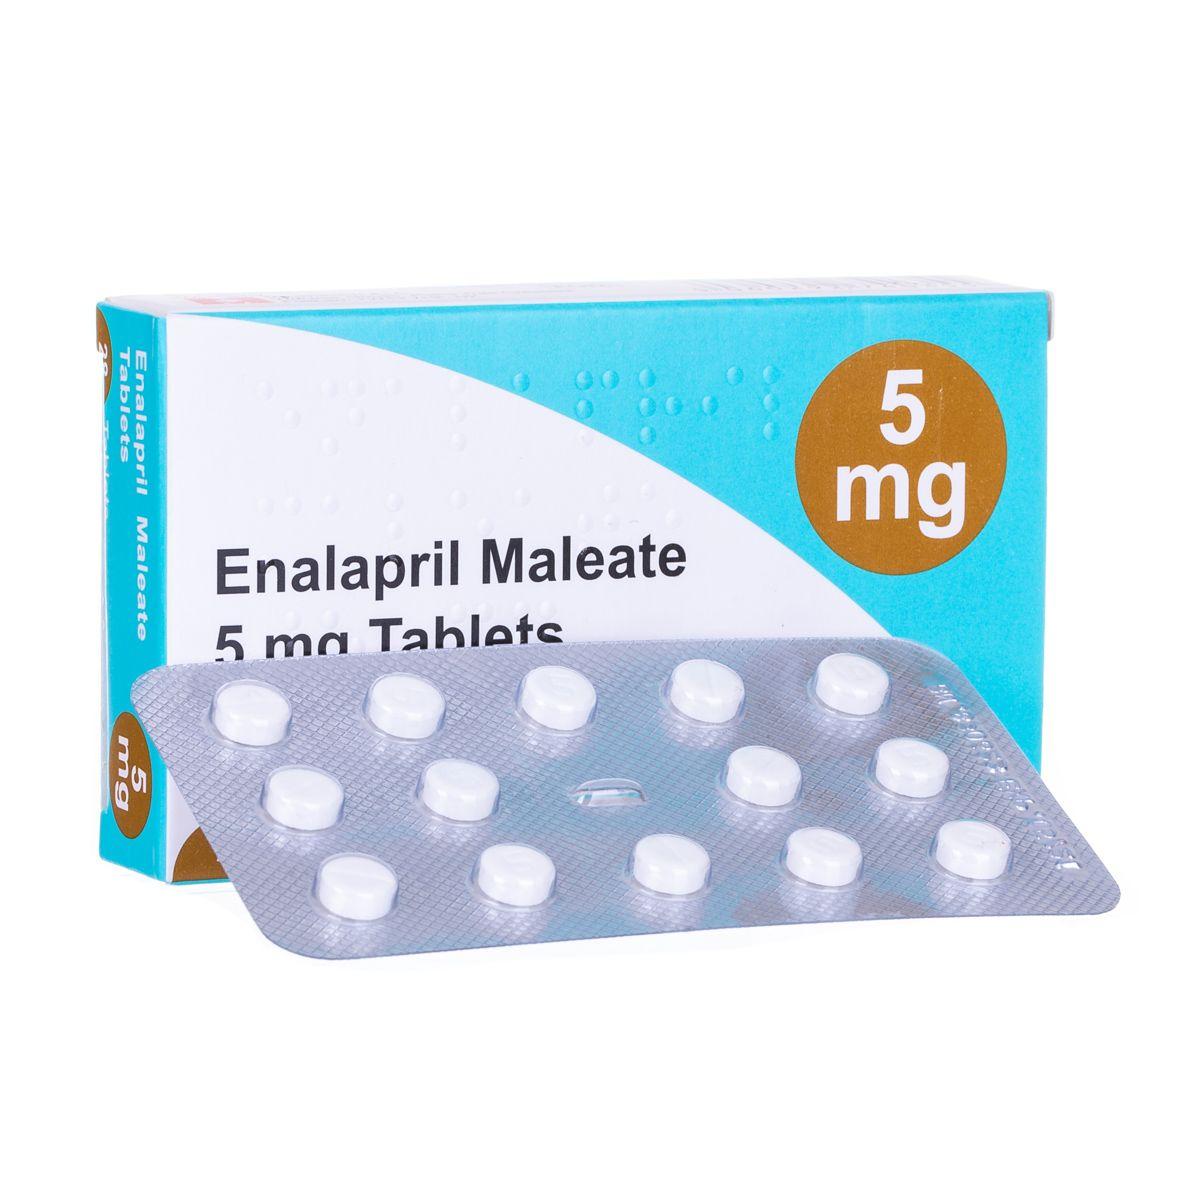 الإنالابريل: إرشادات الاستخدام والآثار الجانبية والتحذيرات - دواء من مثبطات الإنزيم المُحوّل للأنجيوتنسين - دواء علاج قصور القلب الاحتقاني